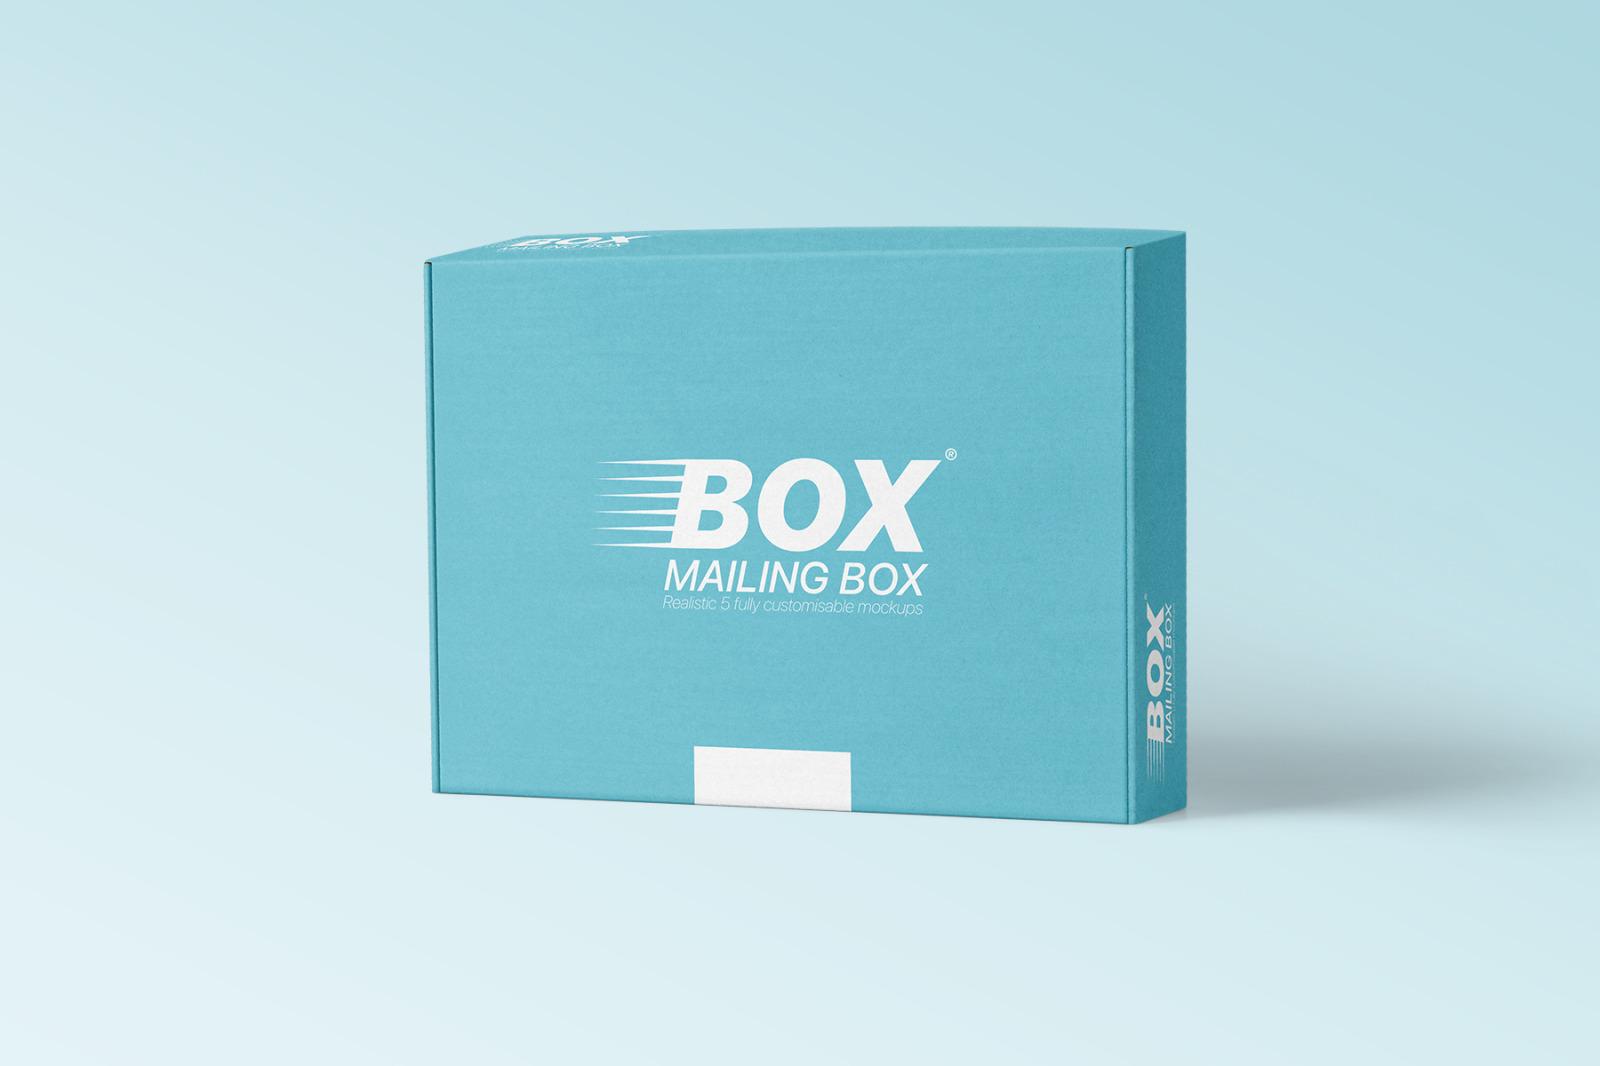 多角度快递包装纸盒外观设计展示样机 Mailing Box Mockups Set插图(8)